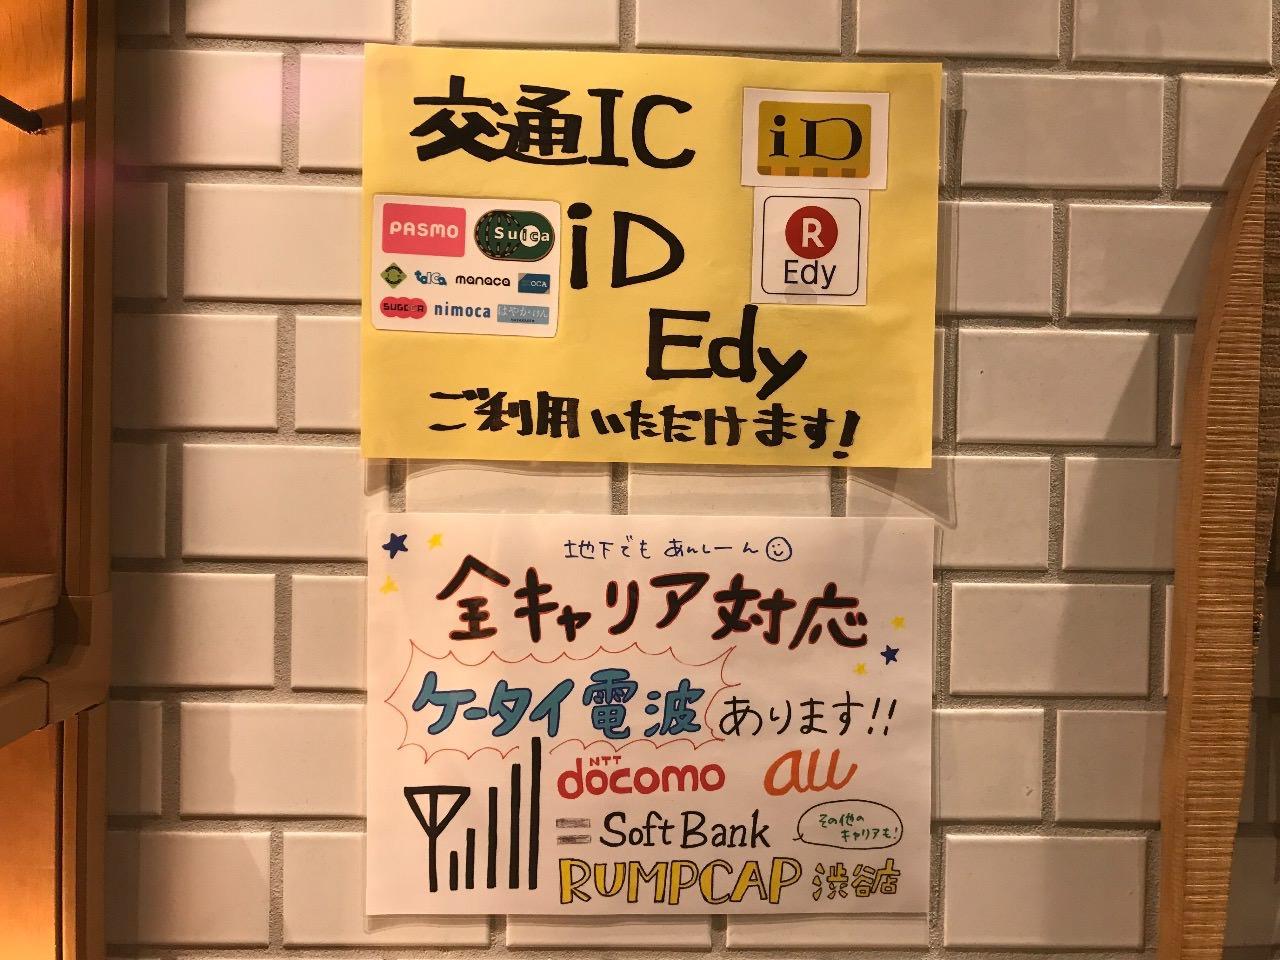 ランプキャップ渋谷店 Suica等も使える